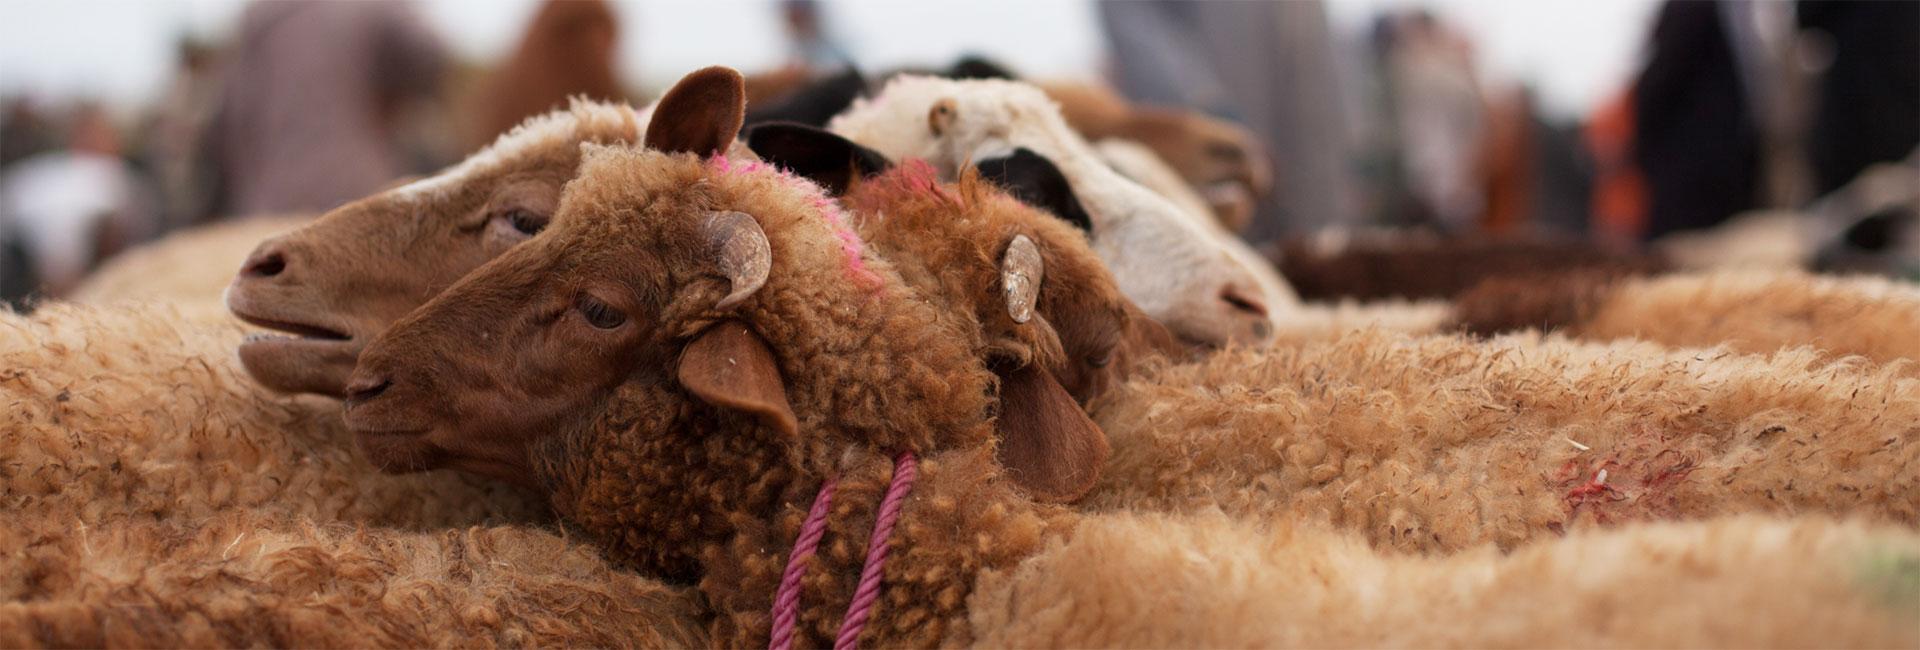 Tiermarkt in Marokko: Aneinandergebundene Schafe